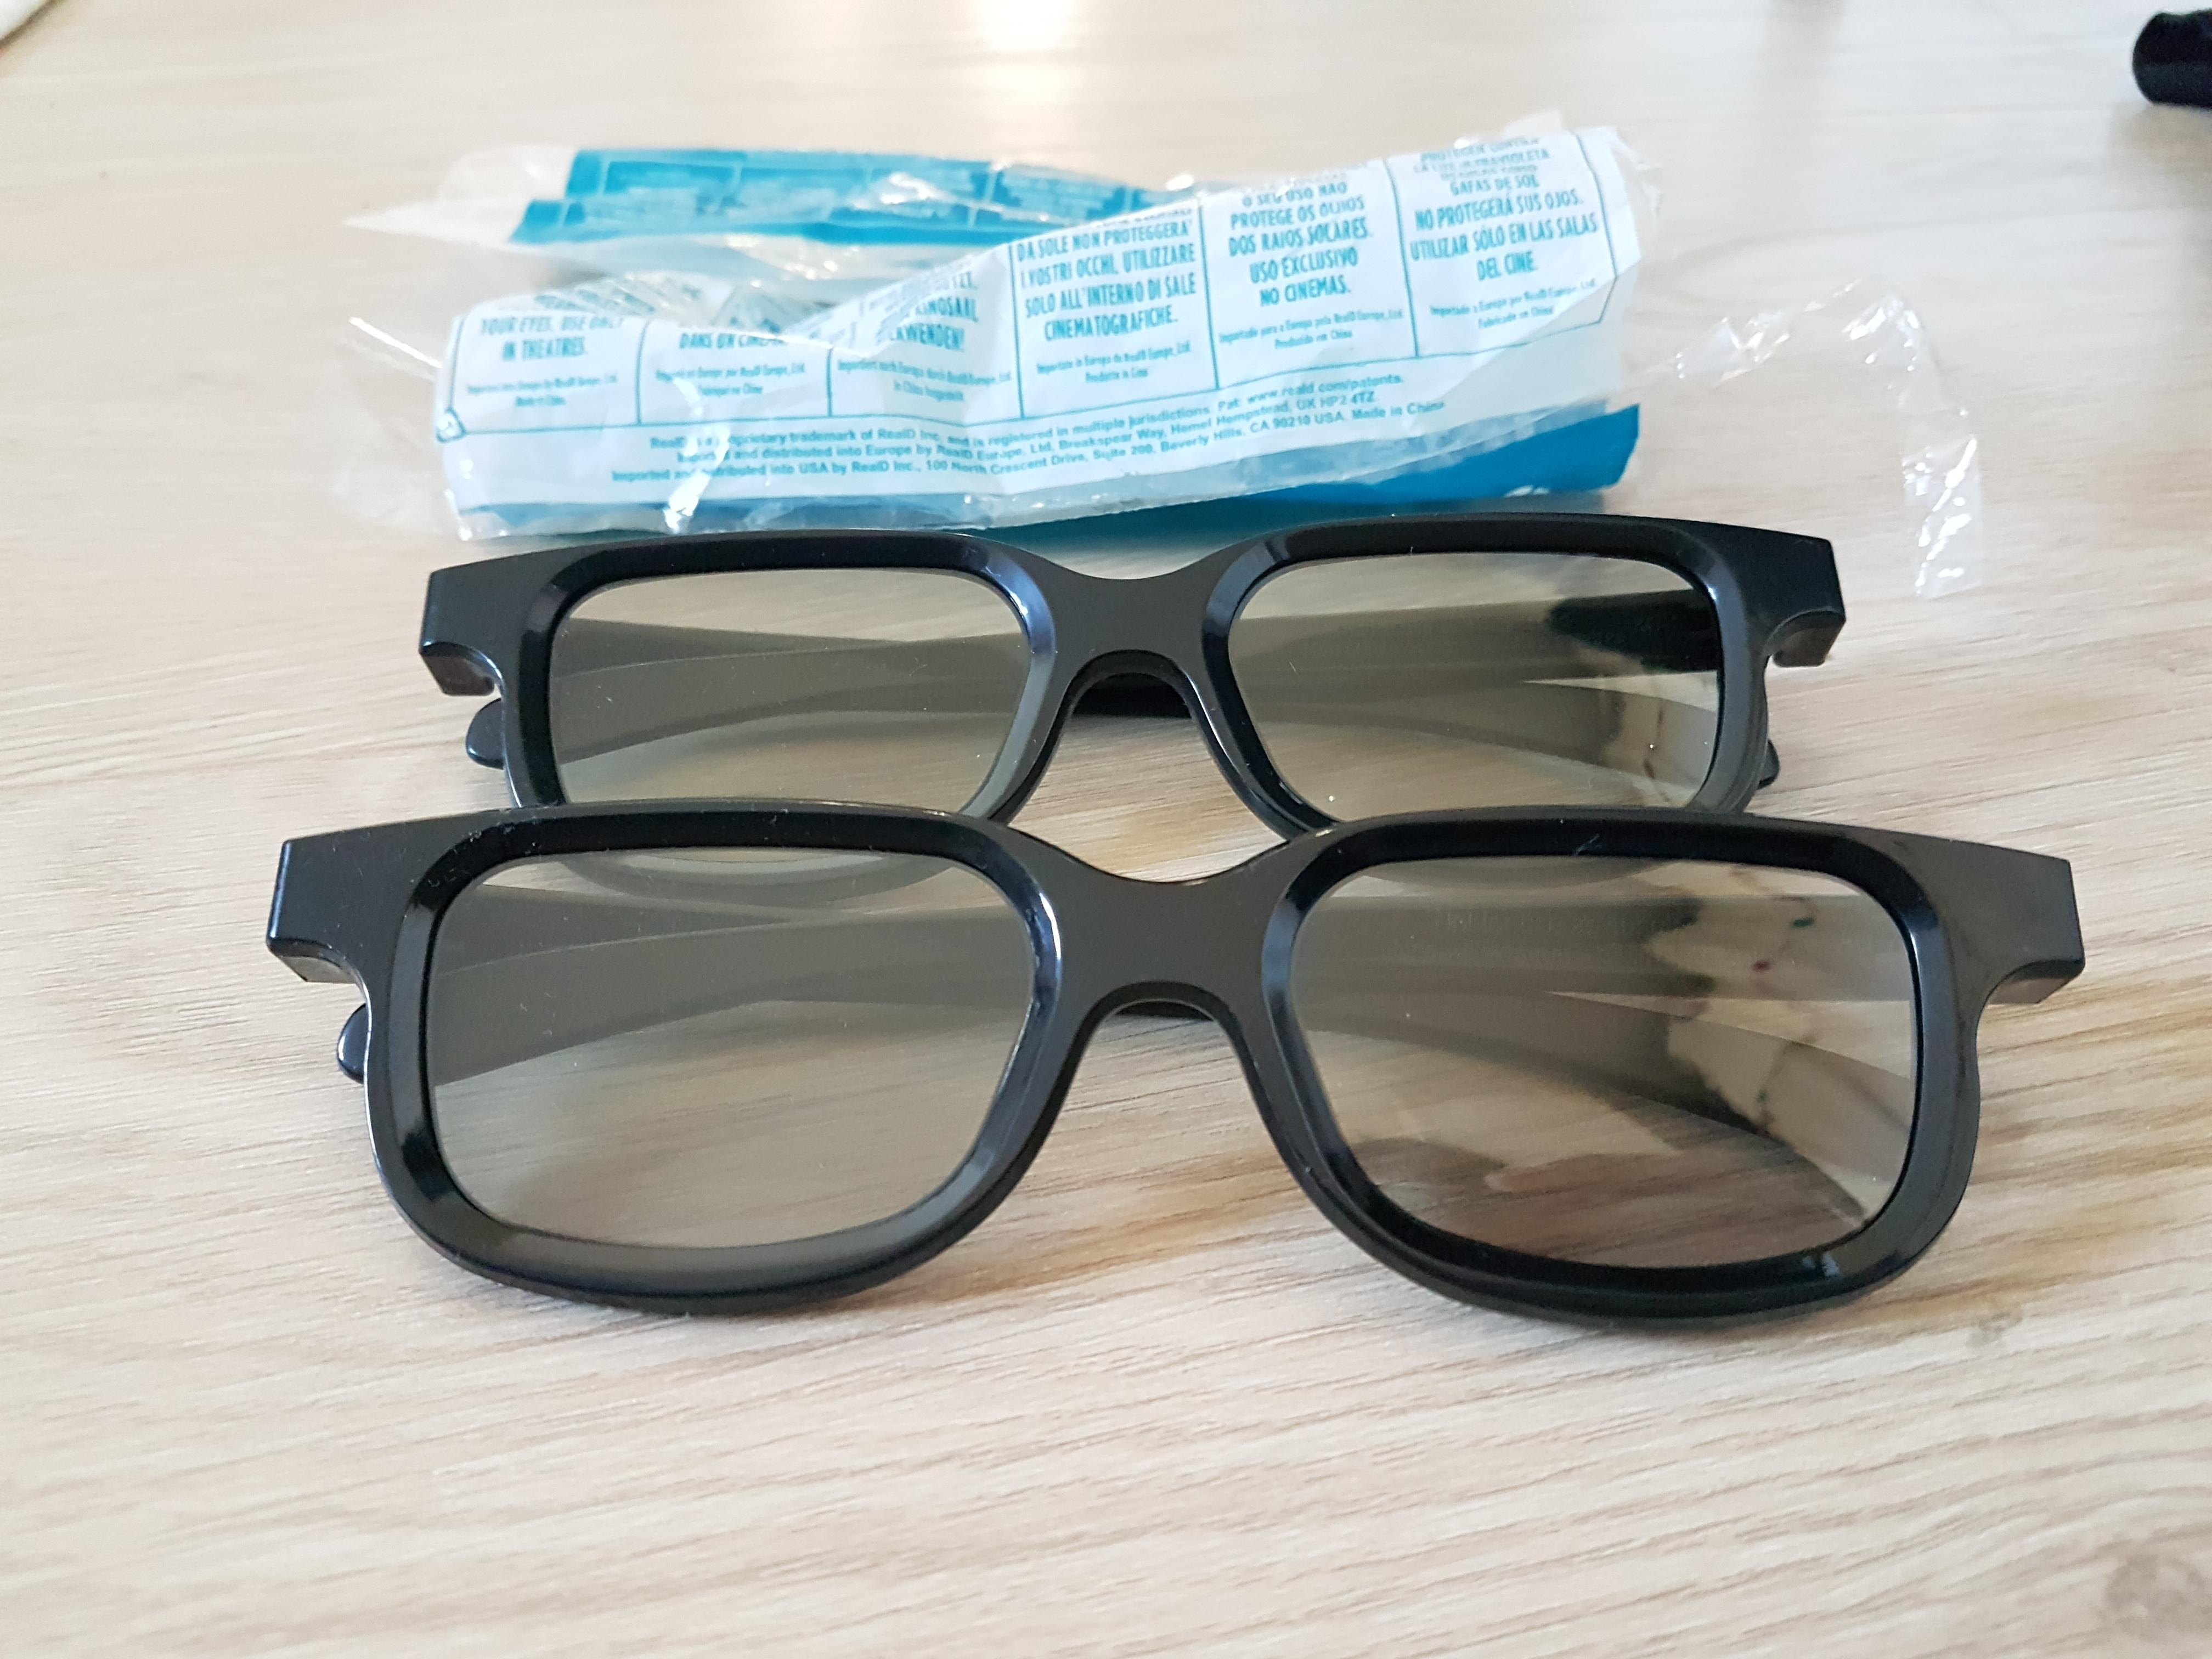 troc de troc 2 lunettes 3d image 0